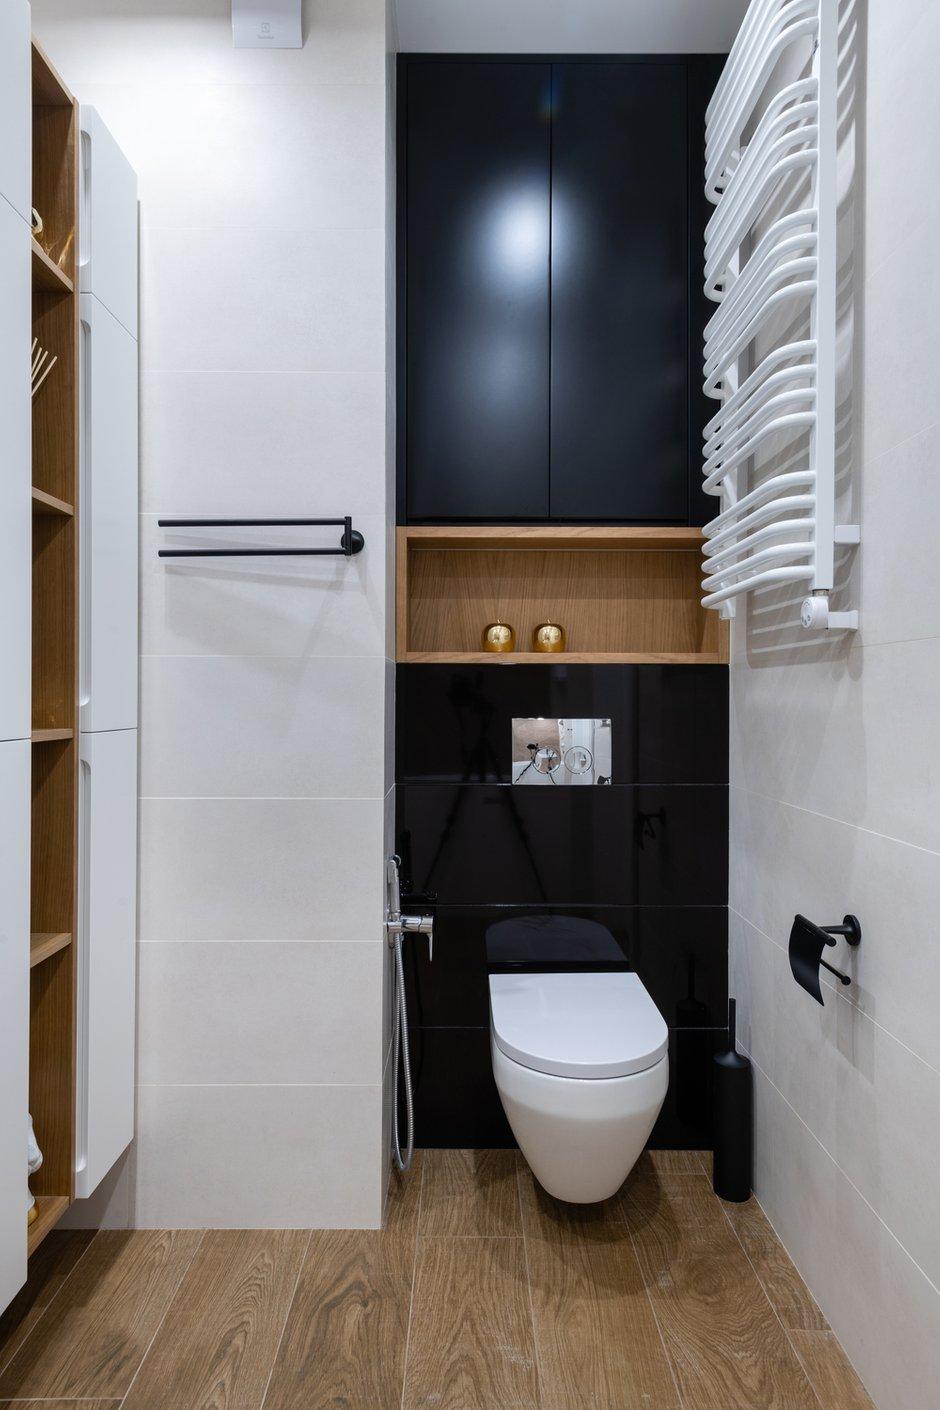 Фотография: Ванная в стиле Современный, Квартира, Проект недели, 2 комнаты, 40-60 метров, Александра Гартке – фото на INMYROOM